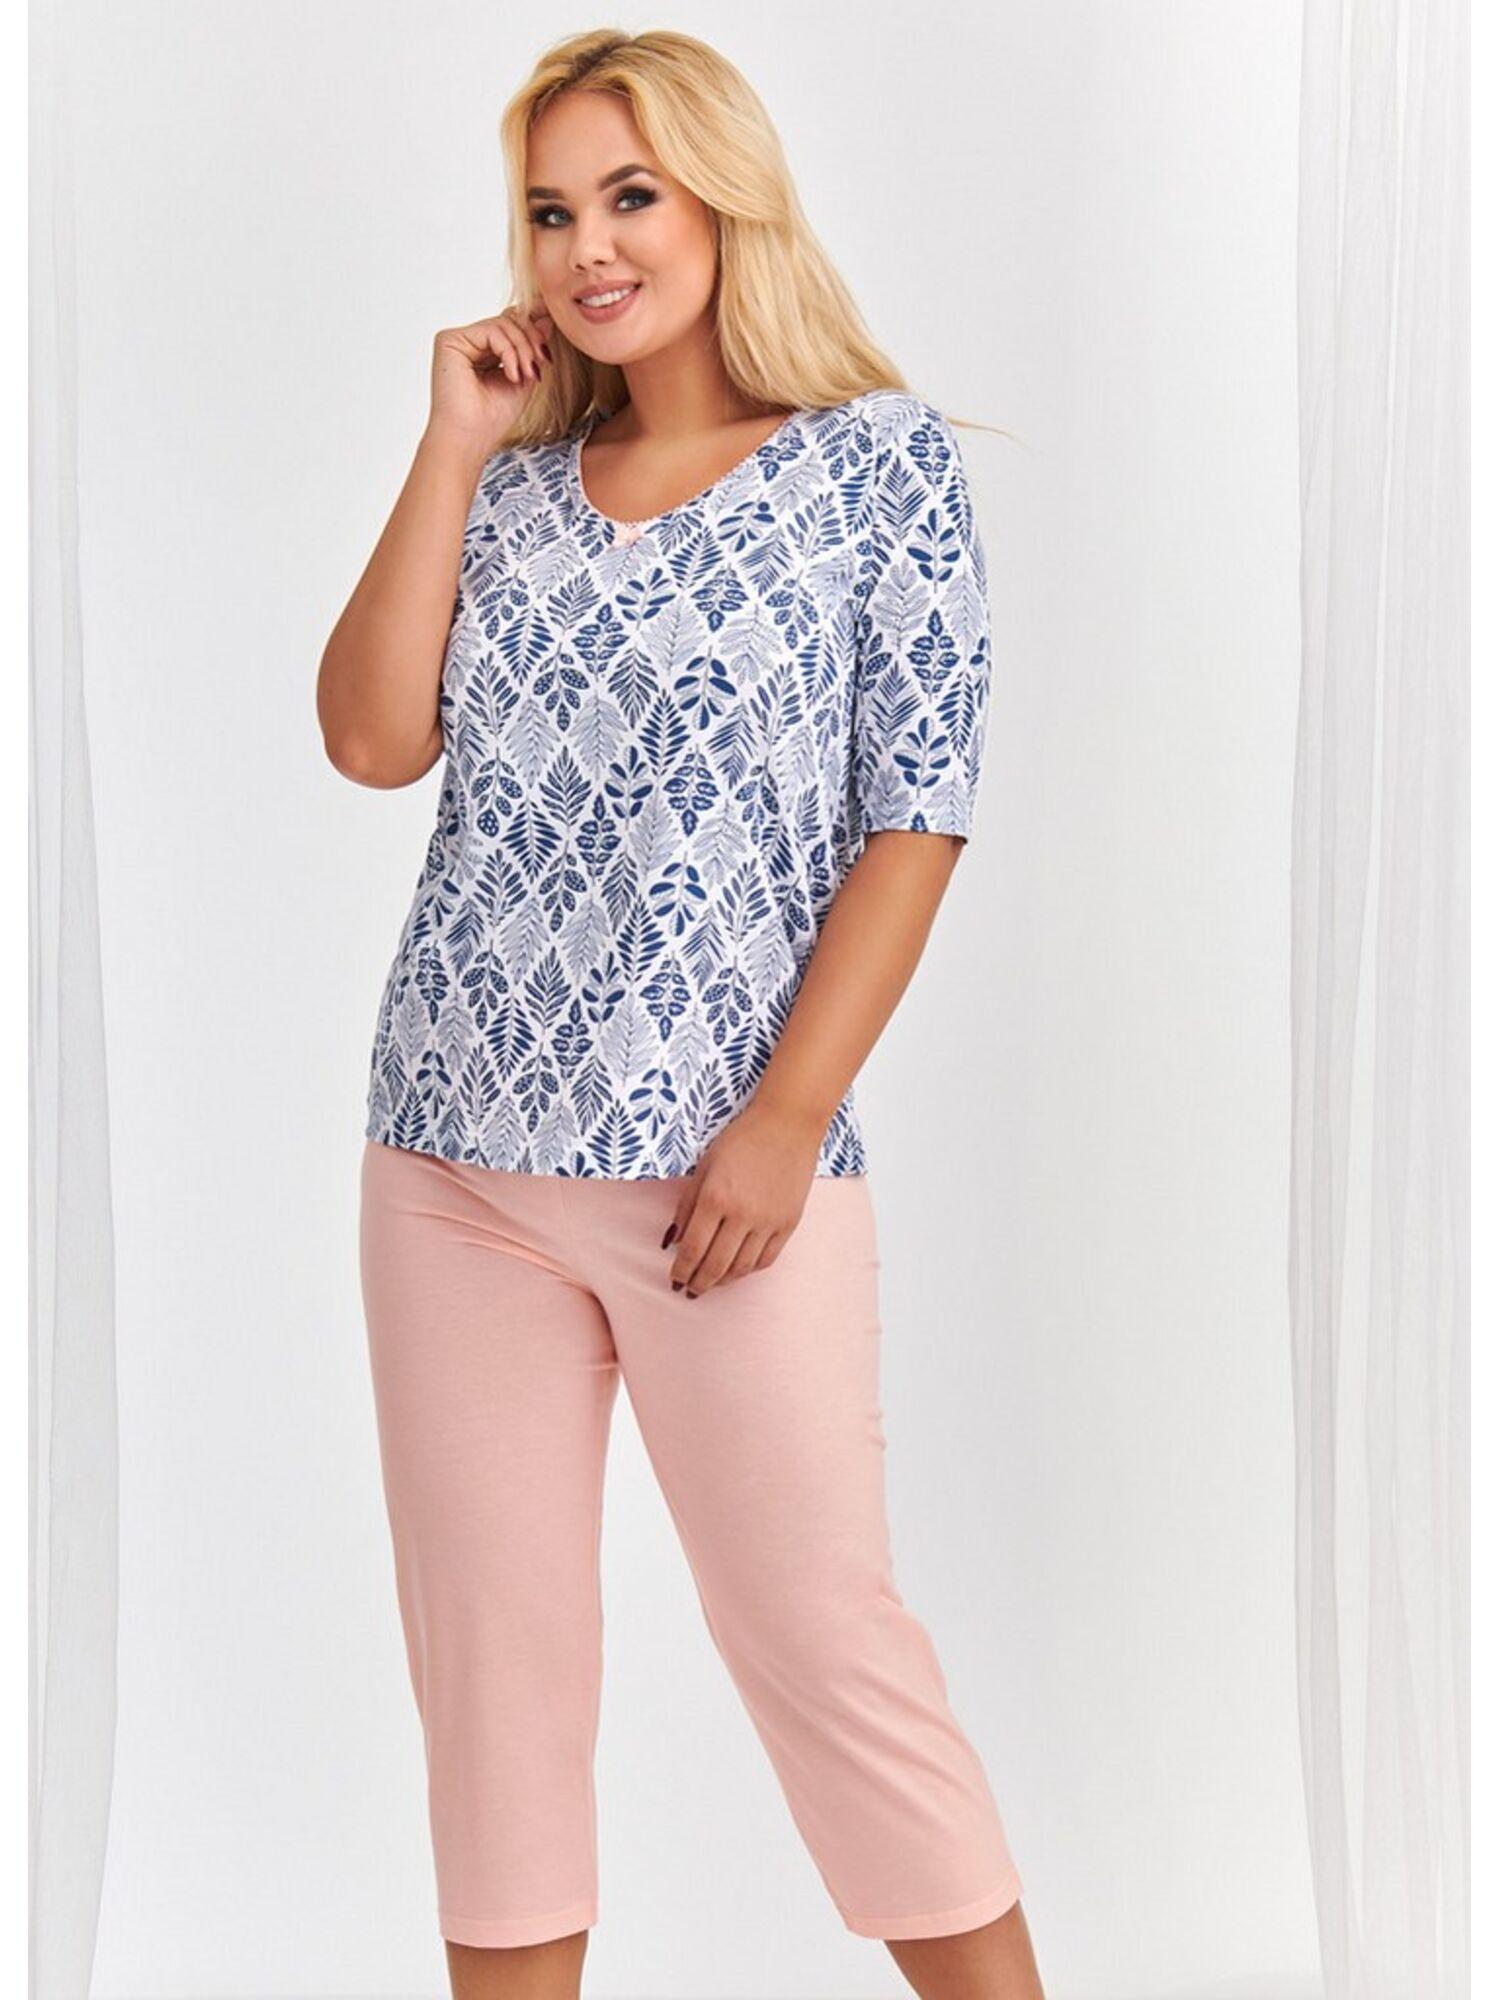 Пижама женская с бриждами из хлопка 2372/2373 S20 LIDIA розовый, TARO